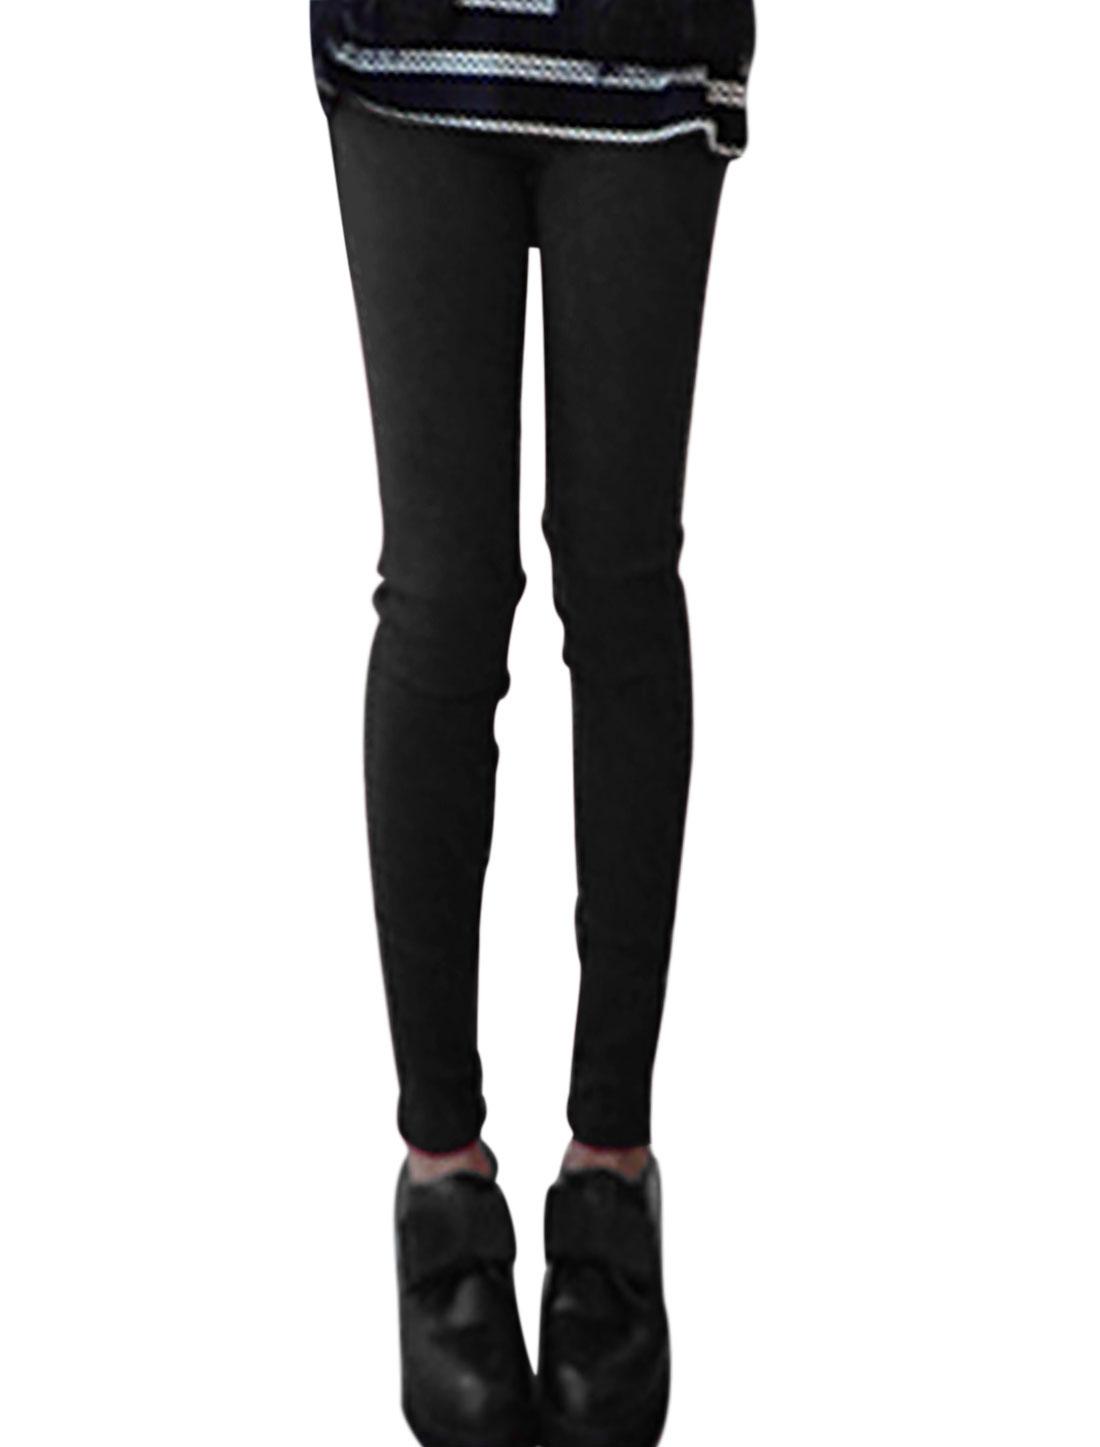 Ladies Black Elastic Waist Slant Pockets Slim Fit Leisure Pants XS